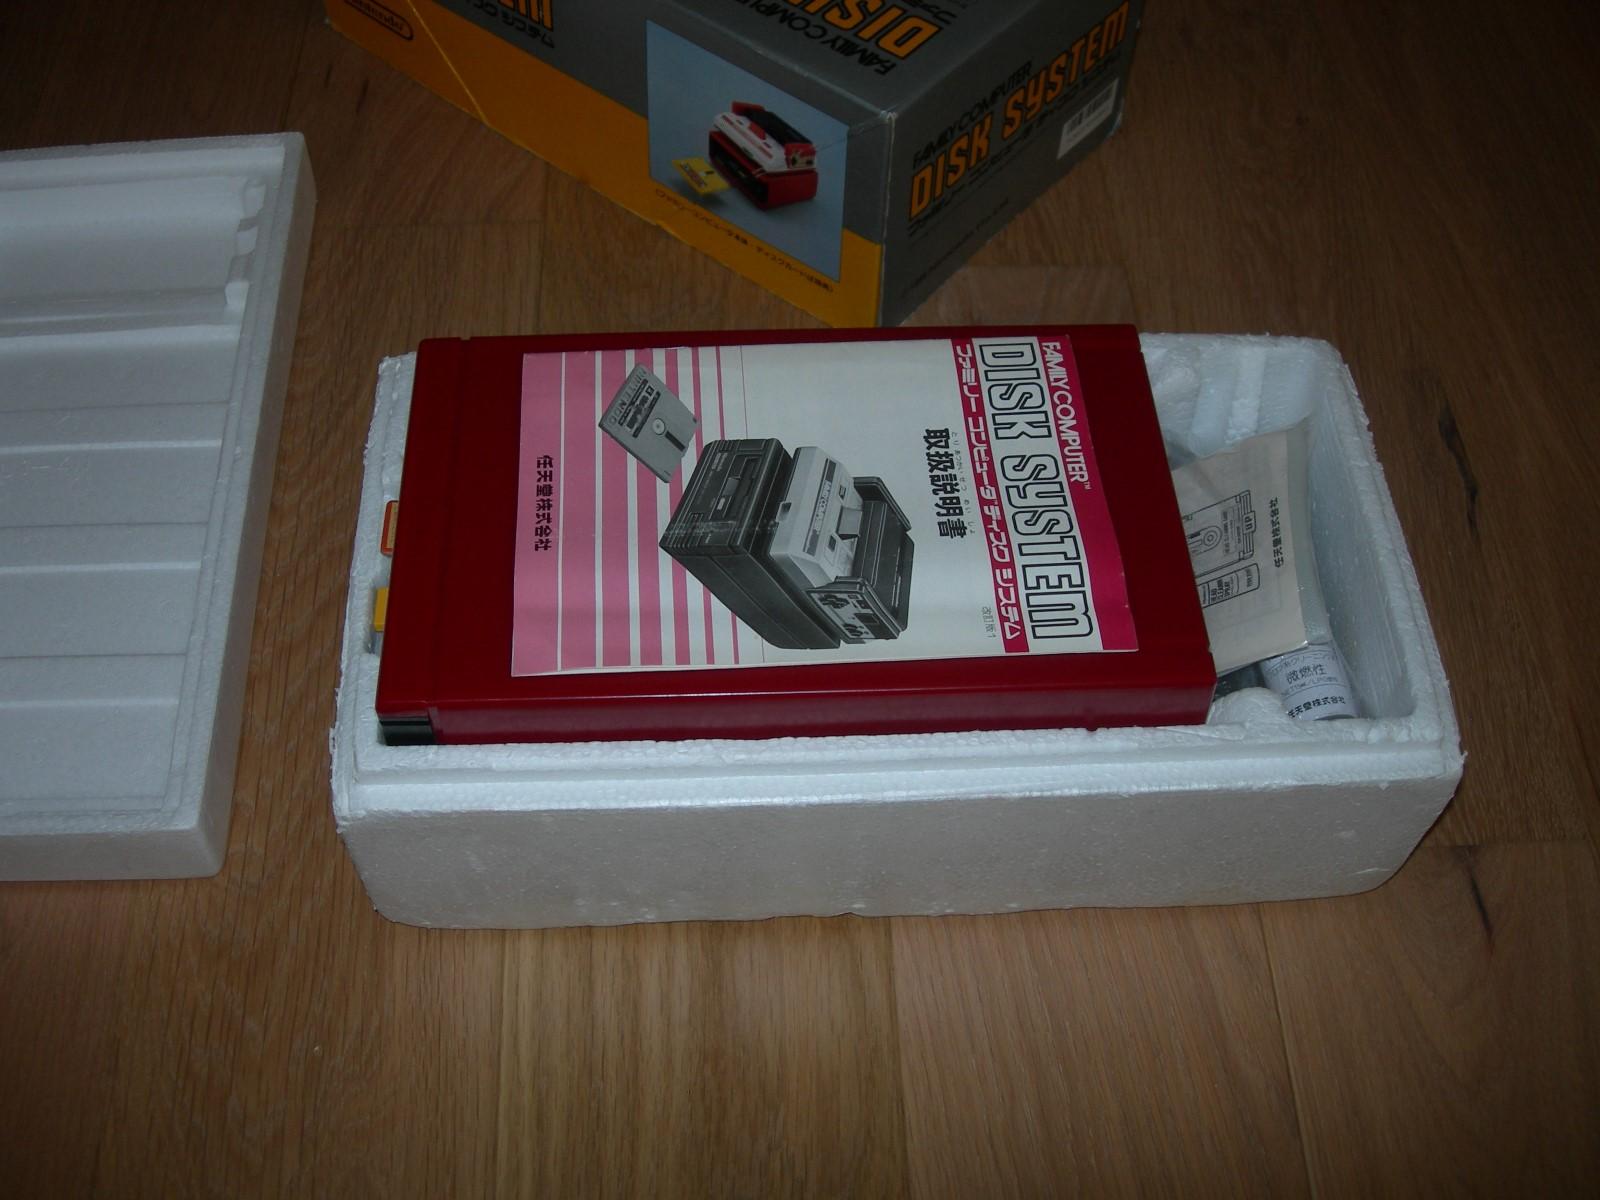 [VDS] Famicom Disk System en boite Dscn3519